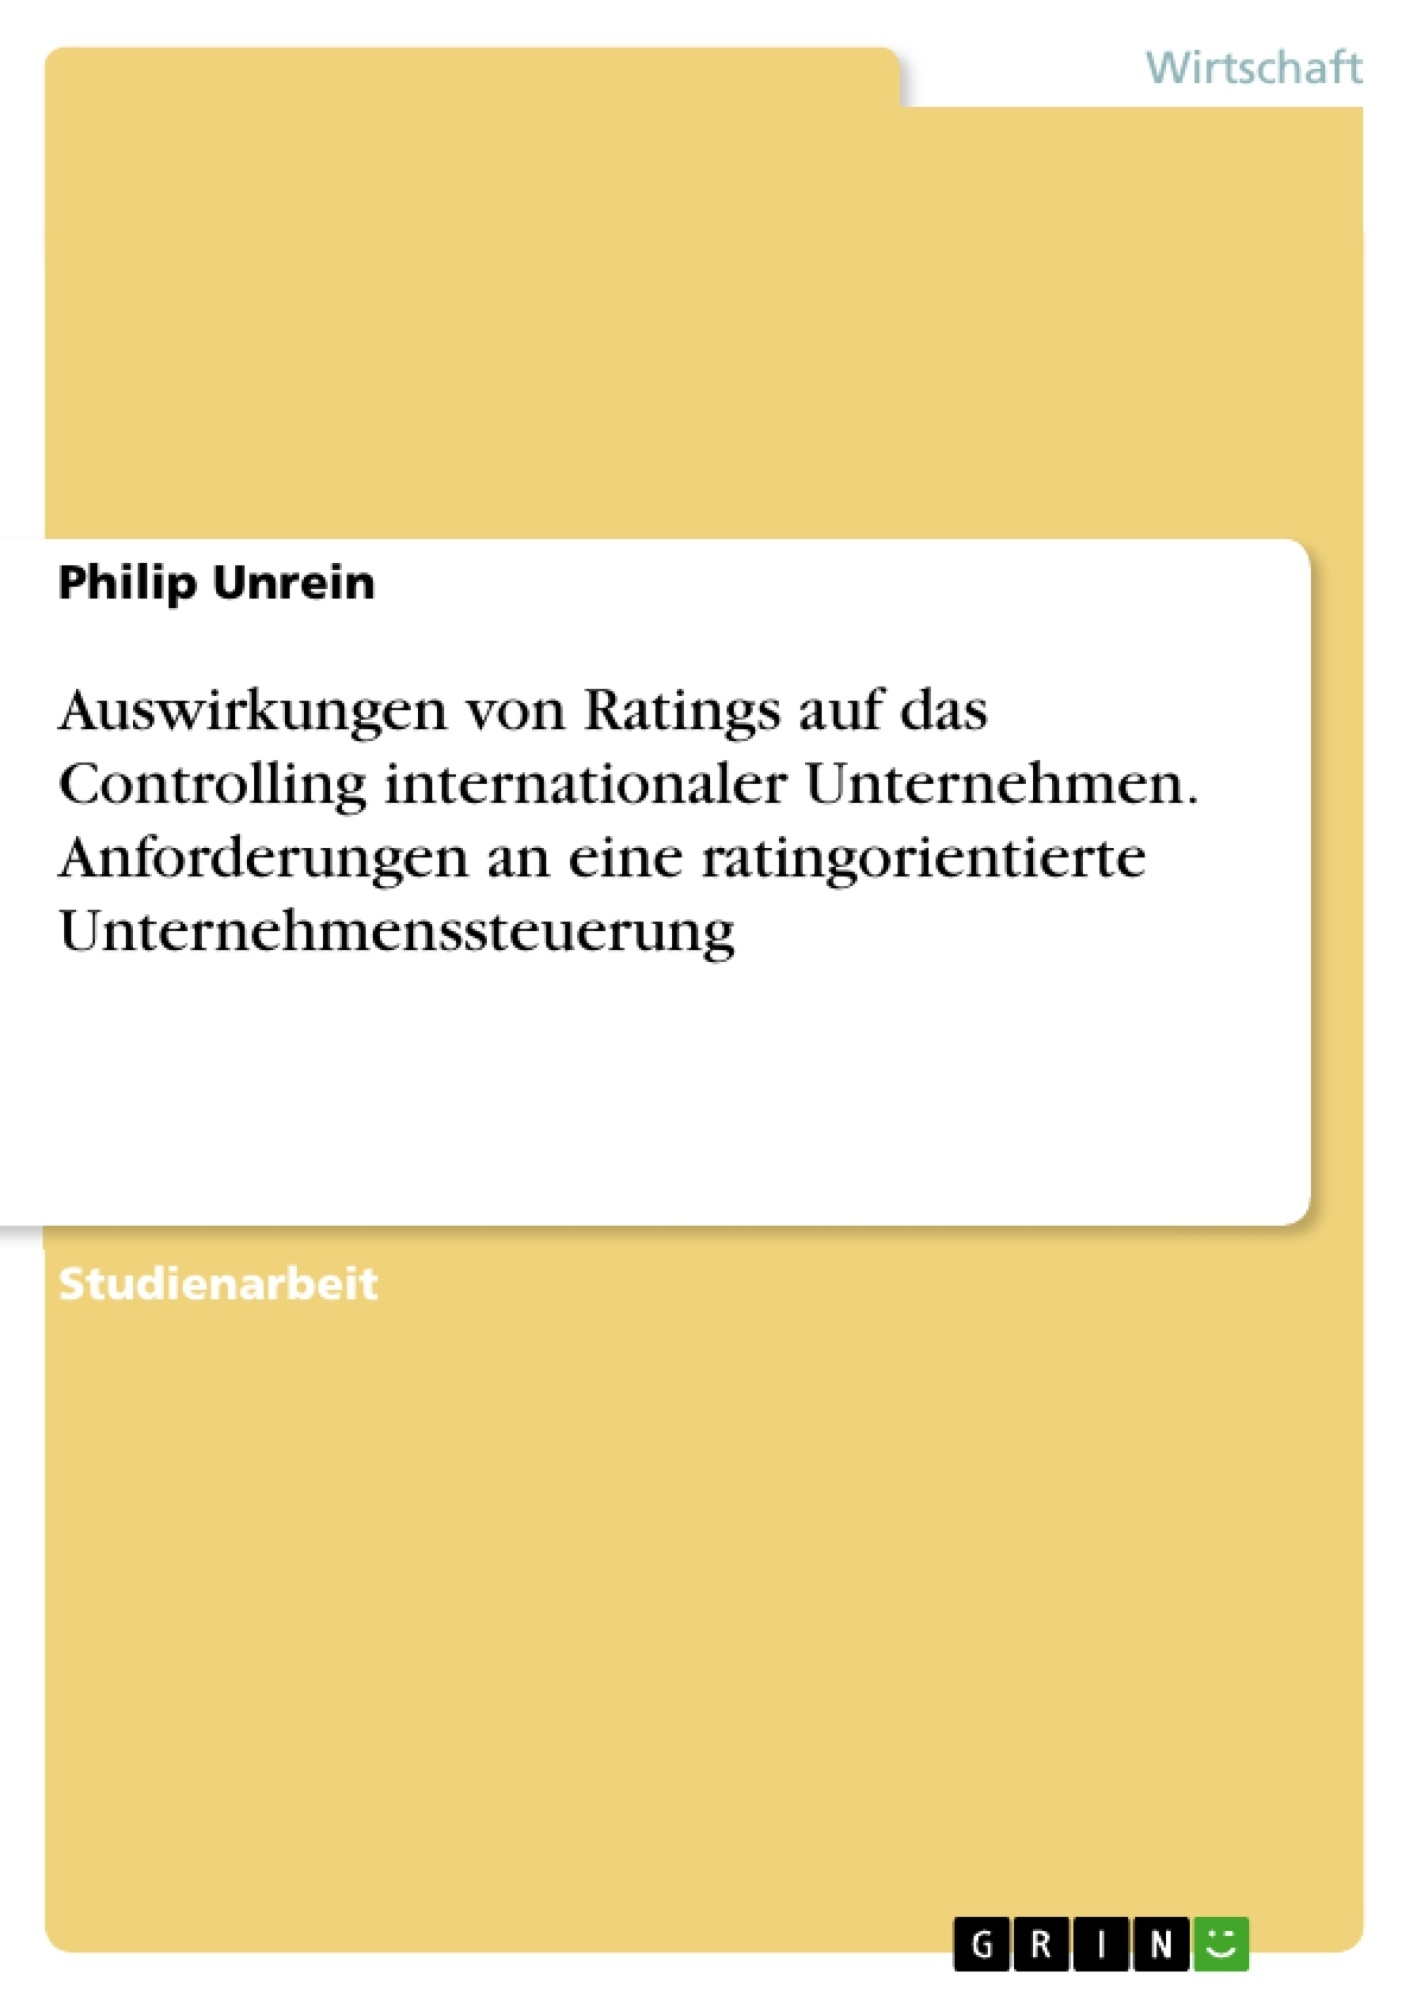 Titel: Auswirkungen von Ratings auf das Controlling internationaler Unternehmen. Anforderungen an eine ratingorientierte Unternehmenssteuerung